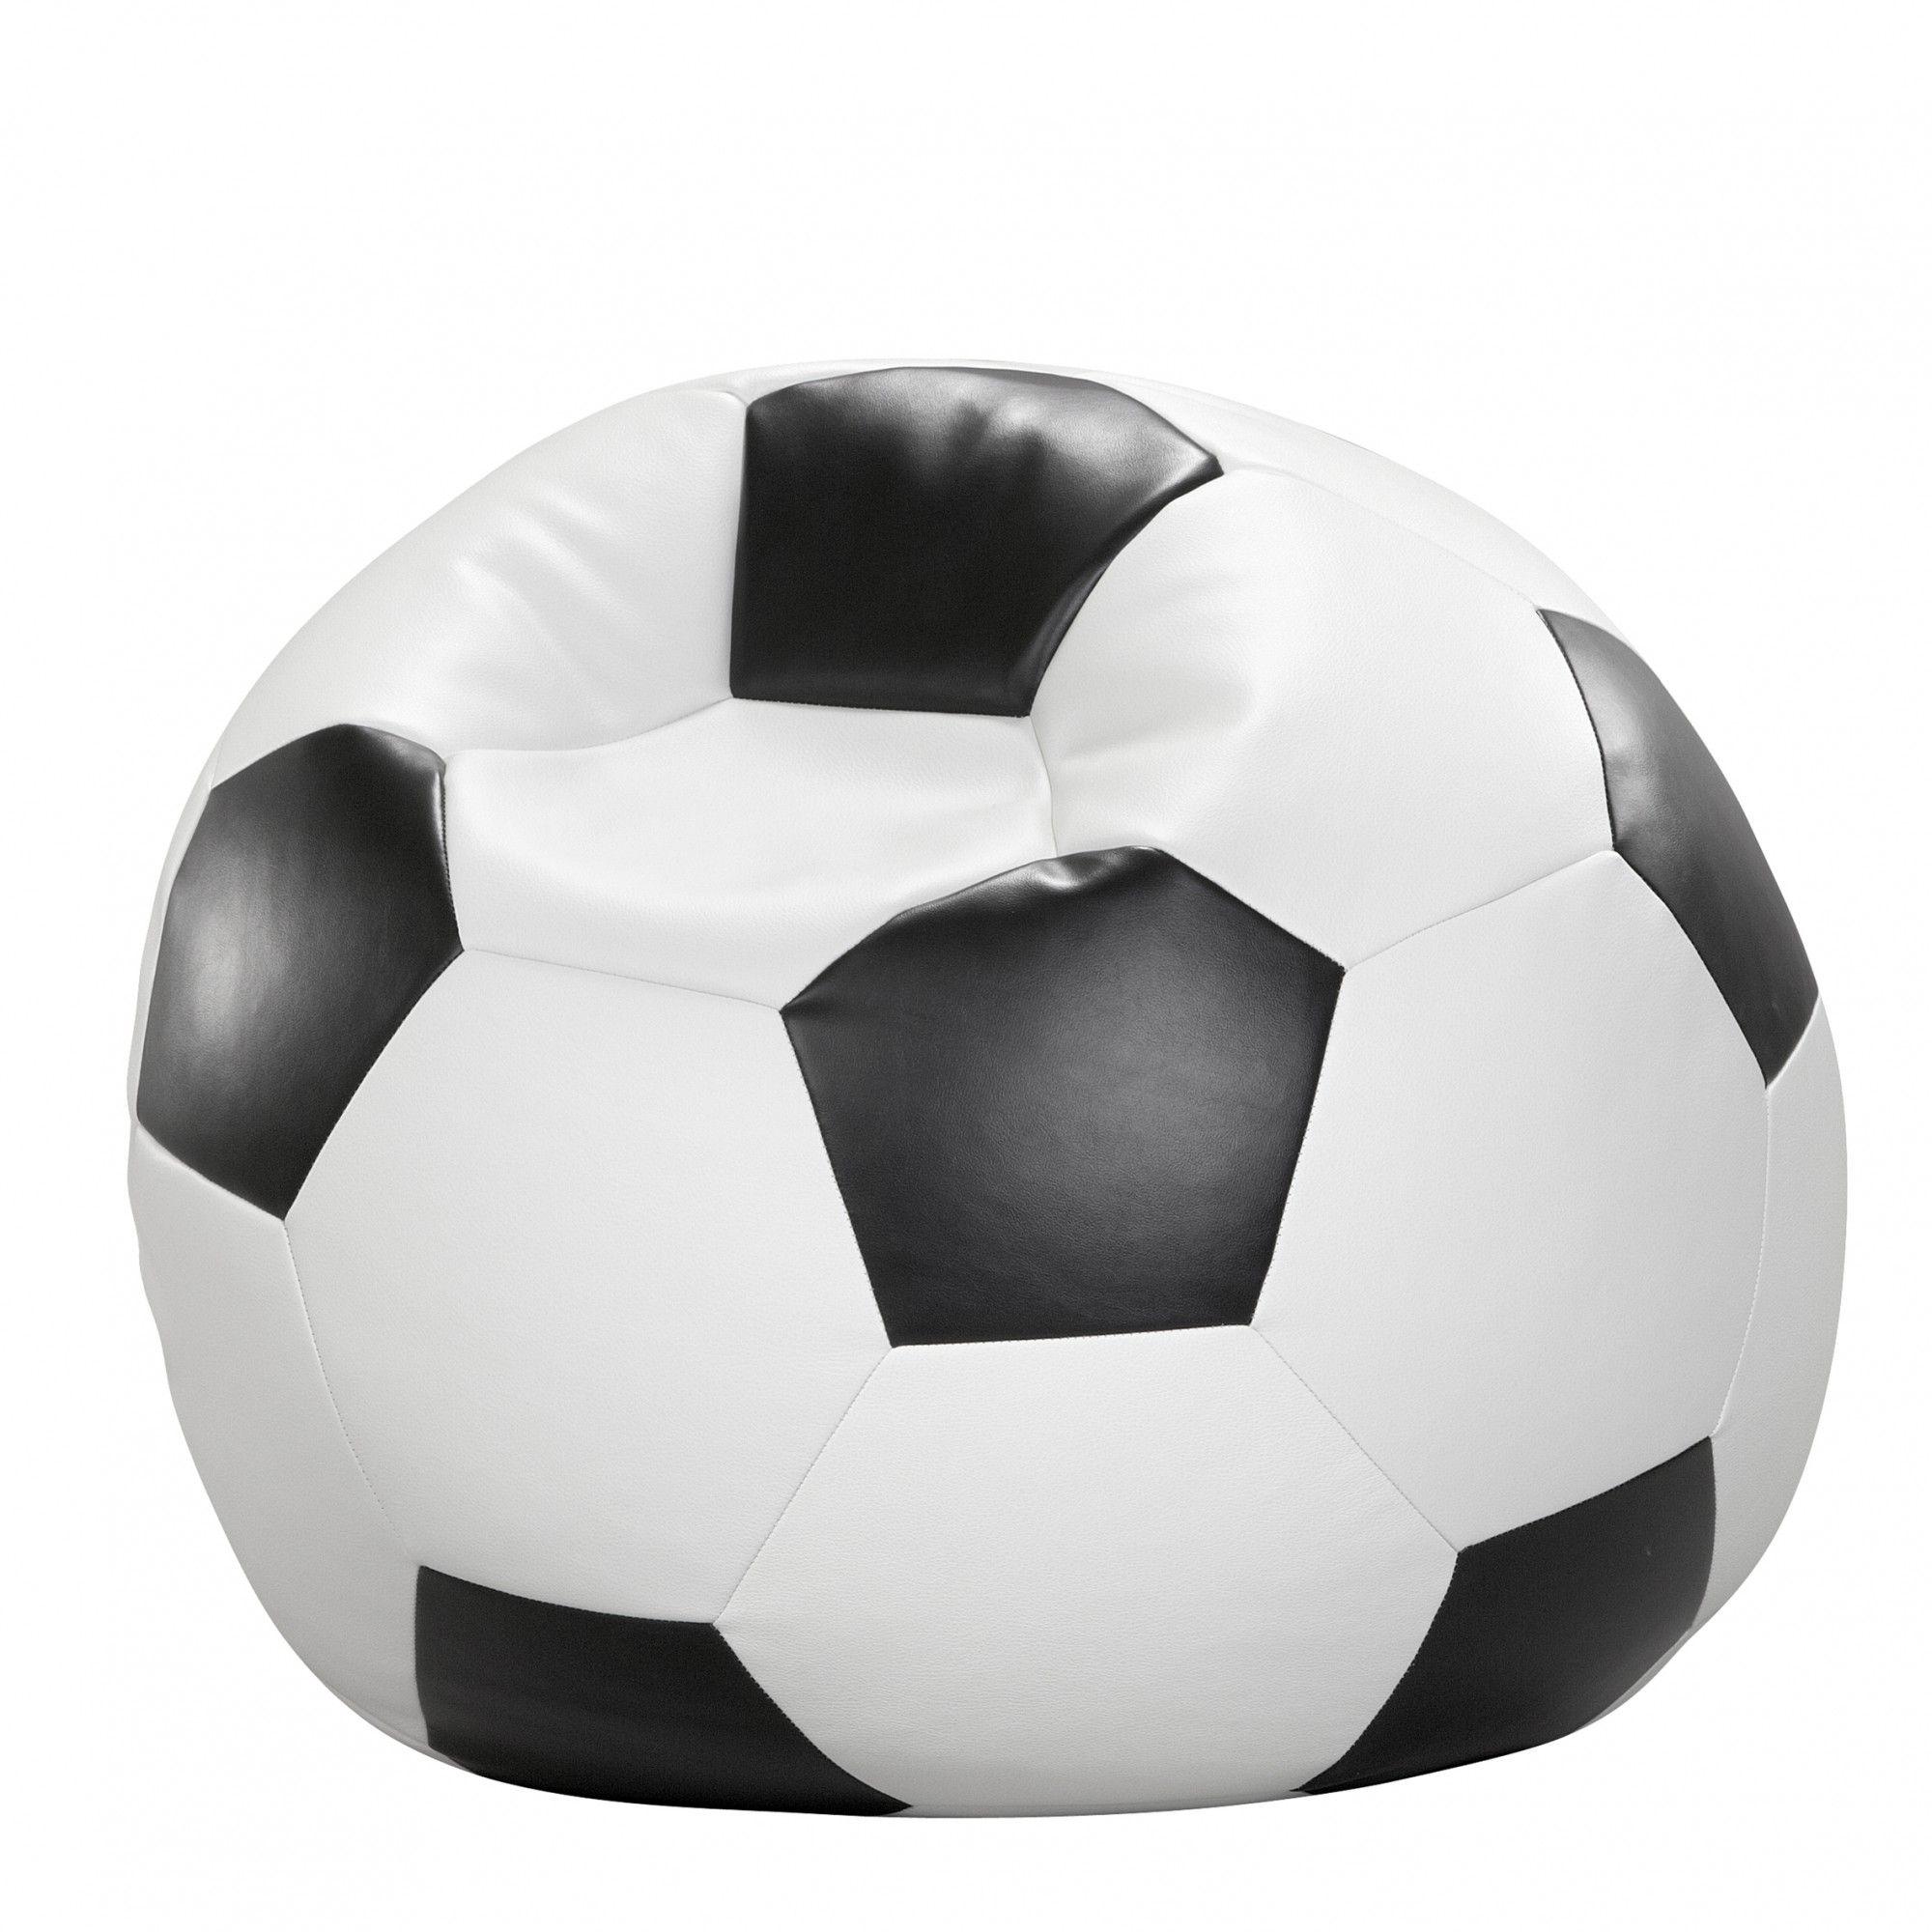 #Fußball #Sitzball aus #Kunstleder für das #Kinderzimmer #Wohnidee #Geschenkidee